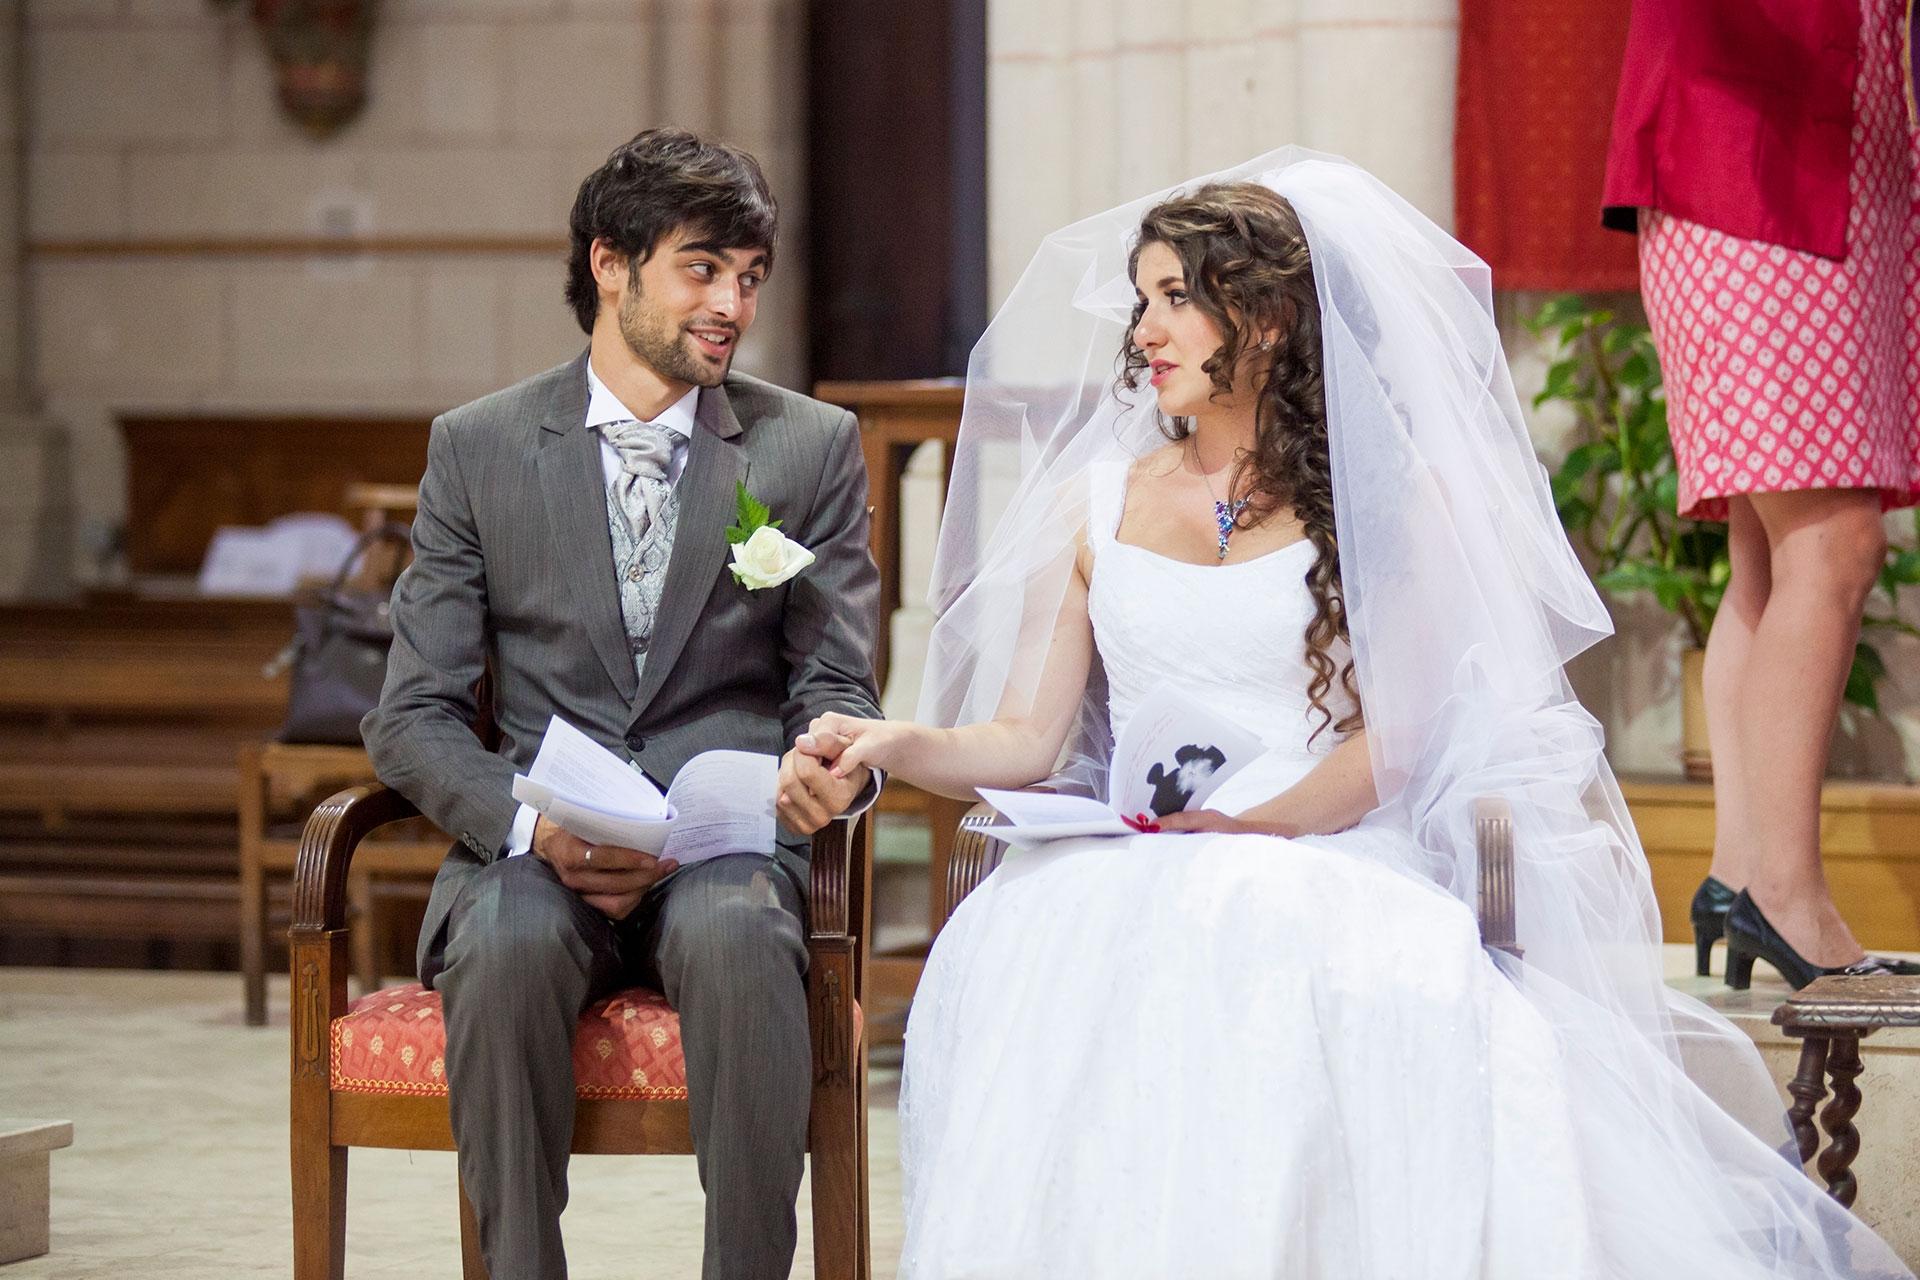 particuliers-evenements-mariages-oui-agnes&louis-41